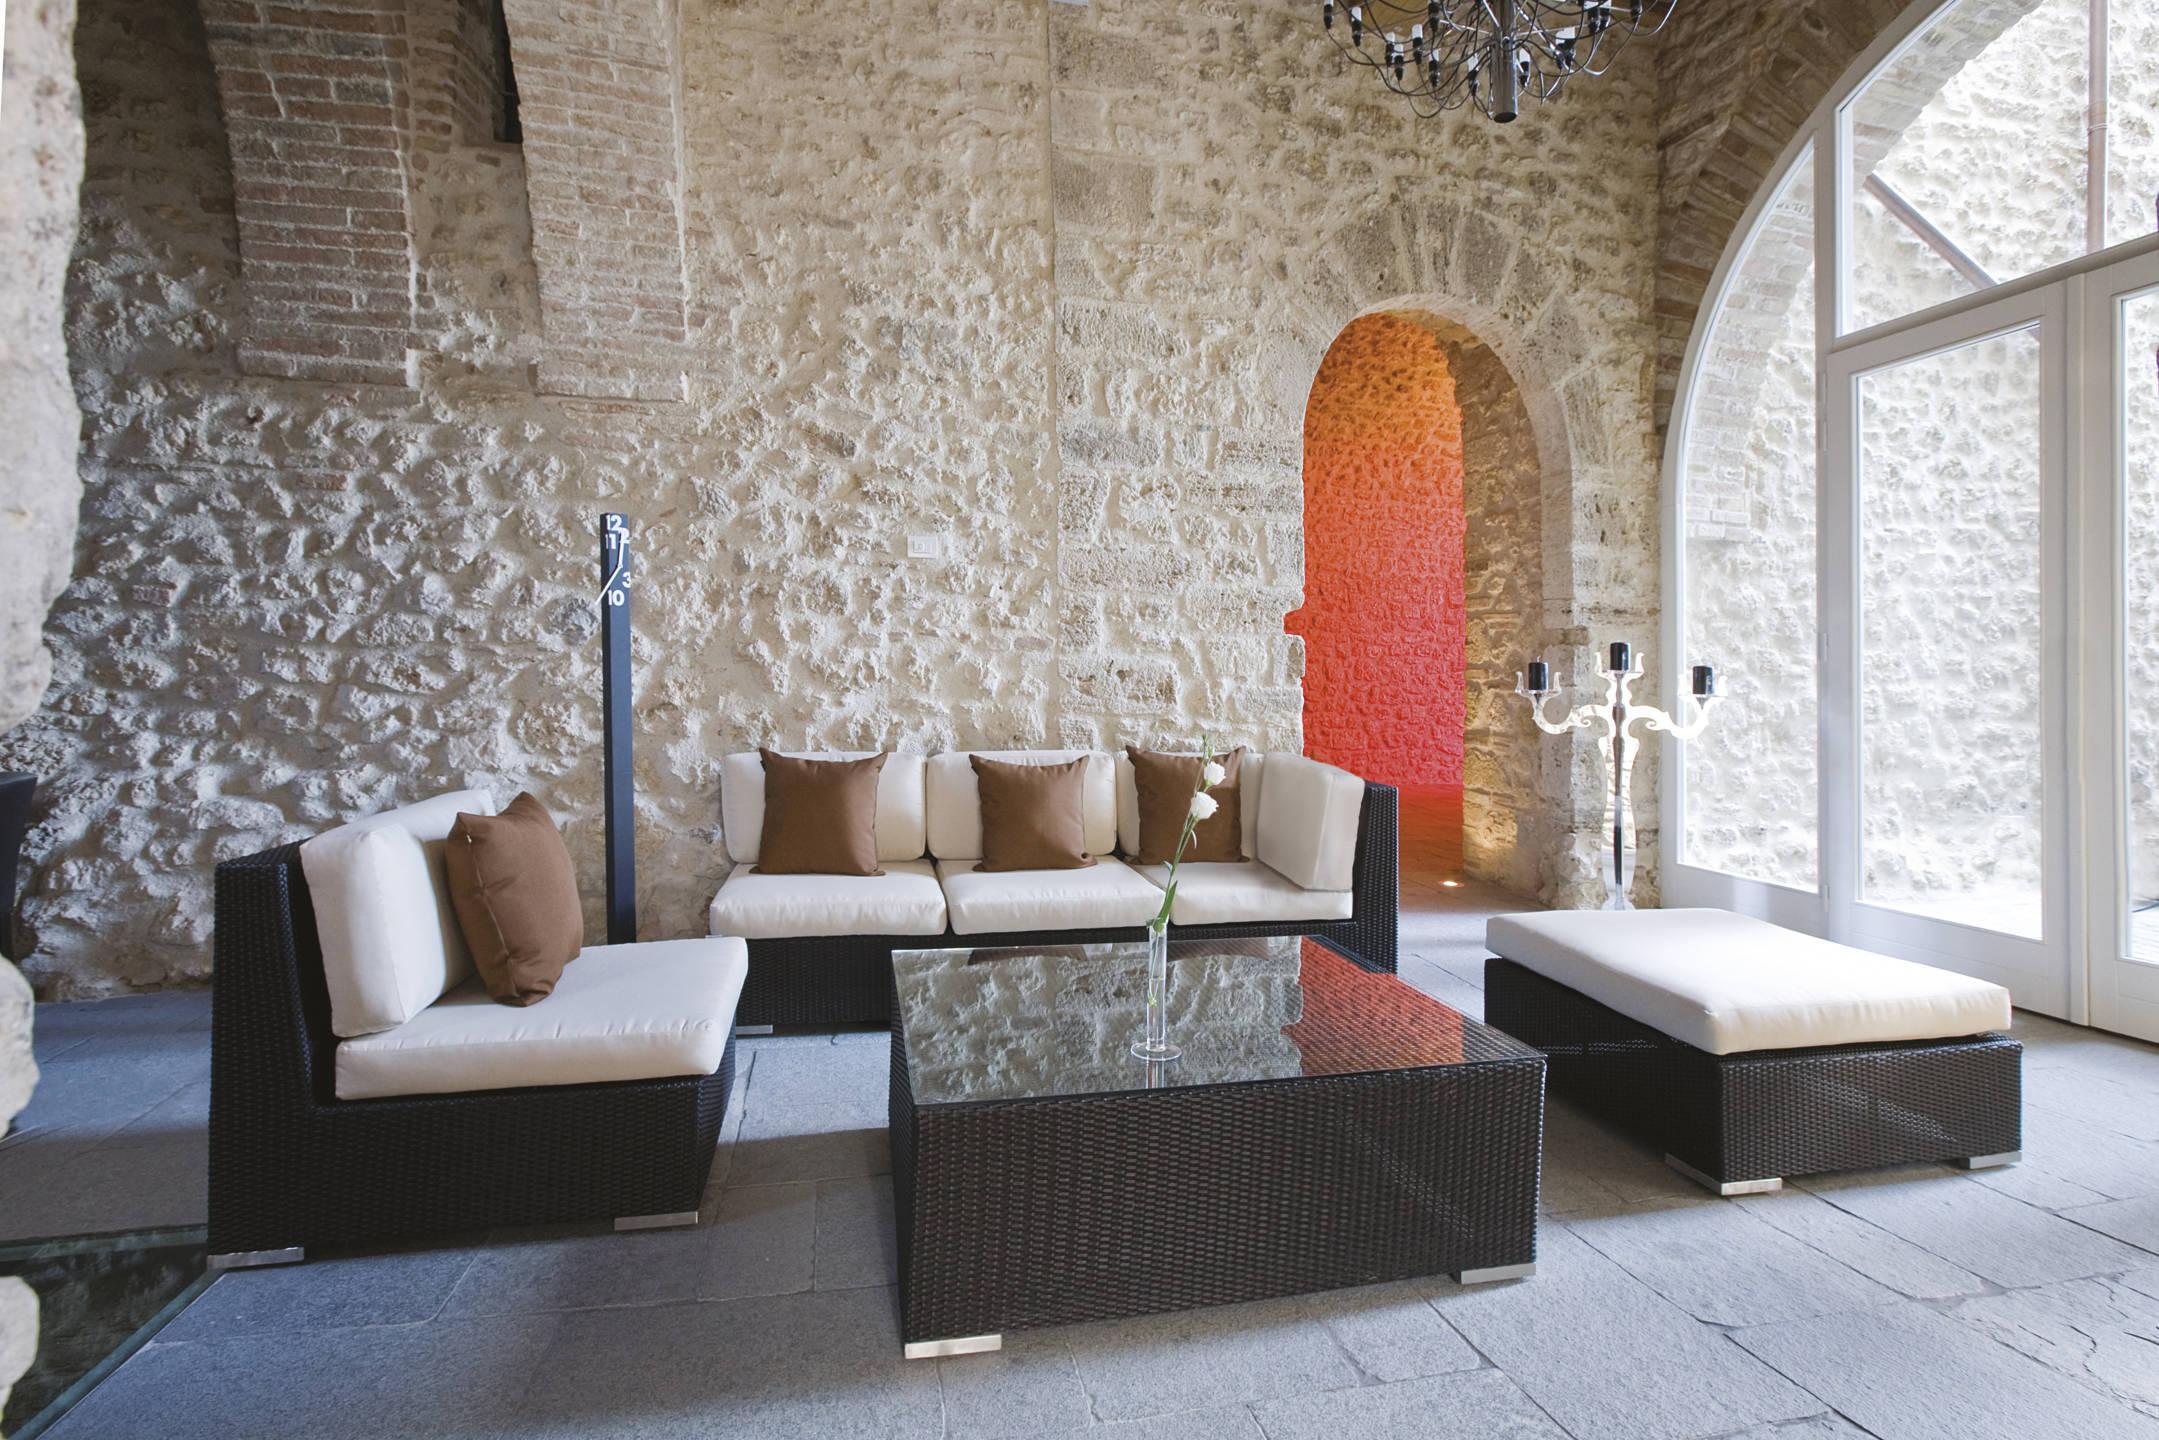 Divani Per Esterni In Plastica : Vivereverde sofa cx posto newyorkcollection divani per